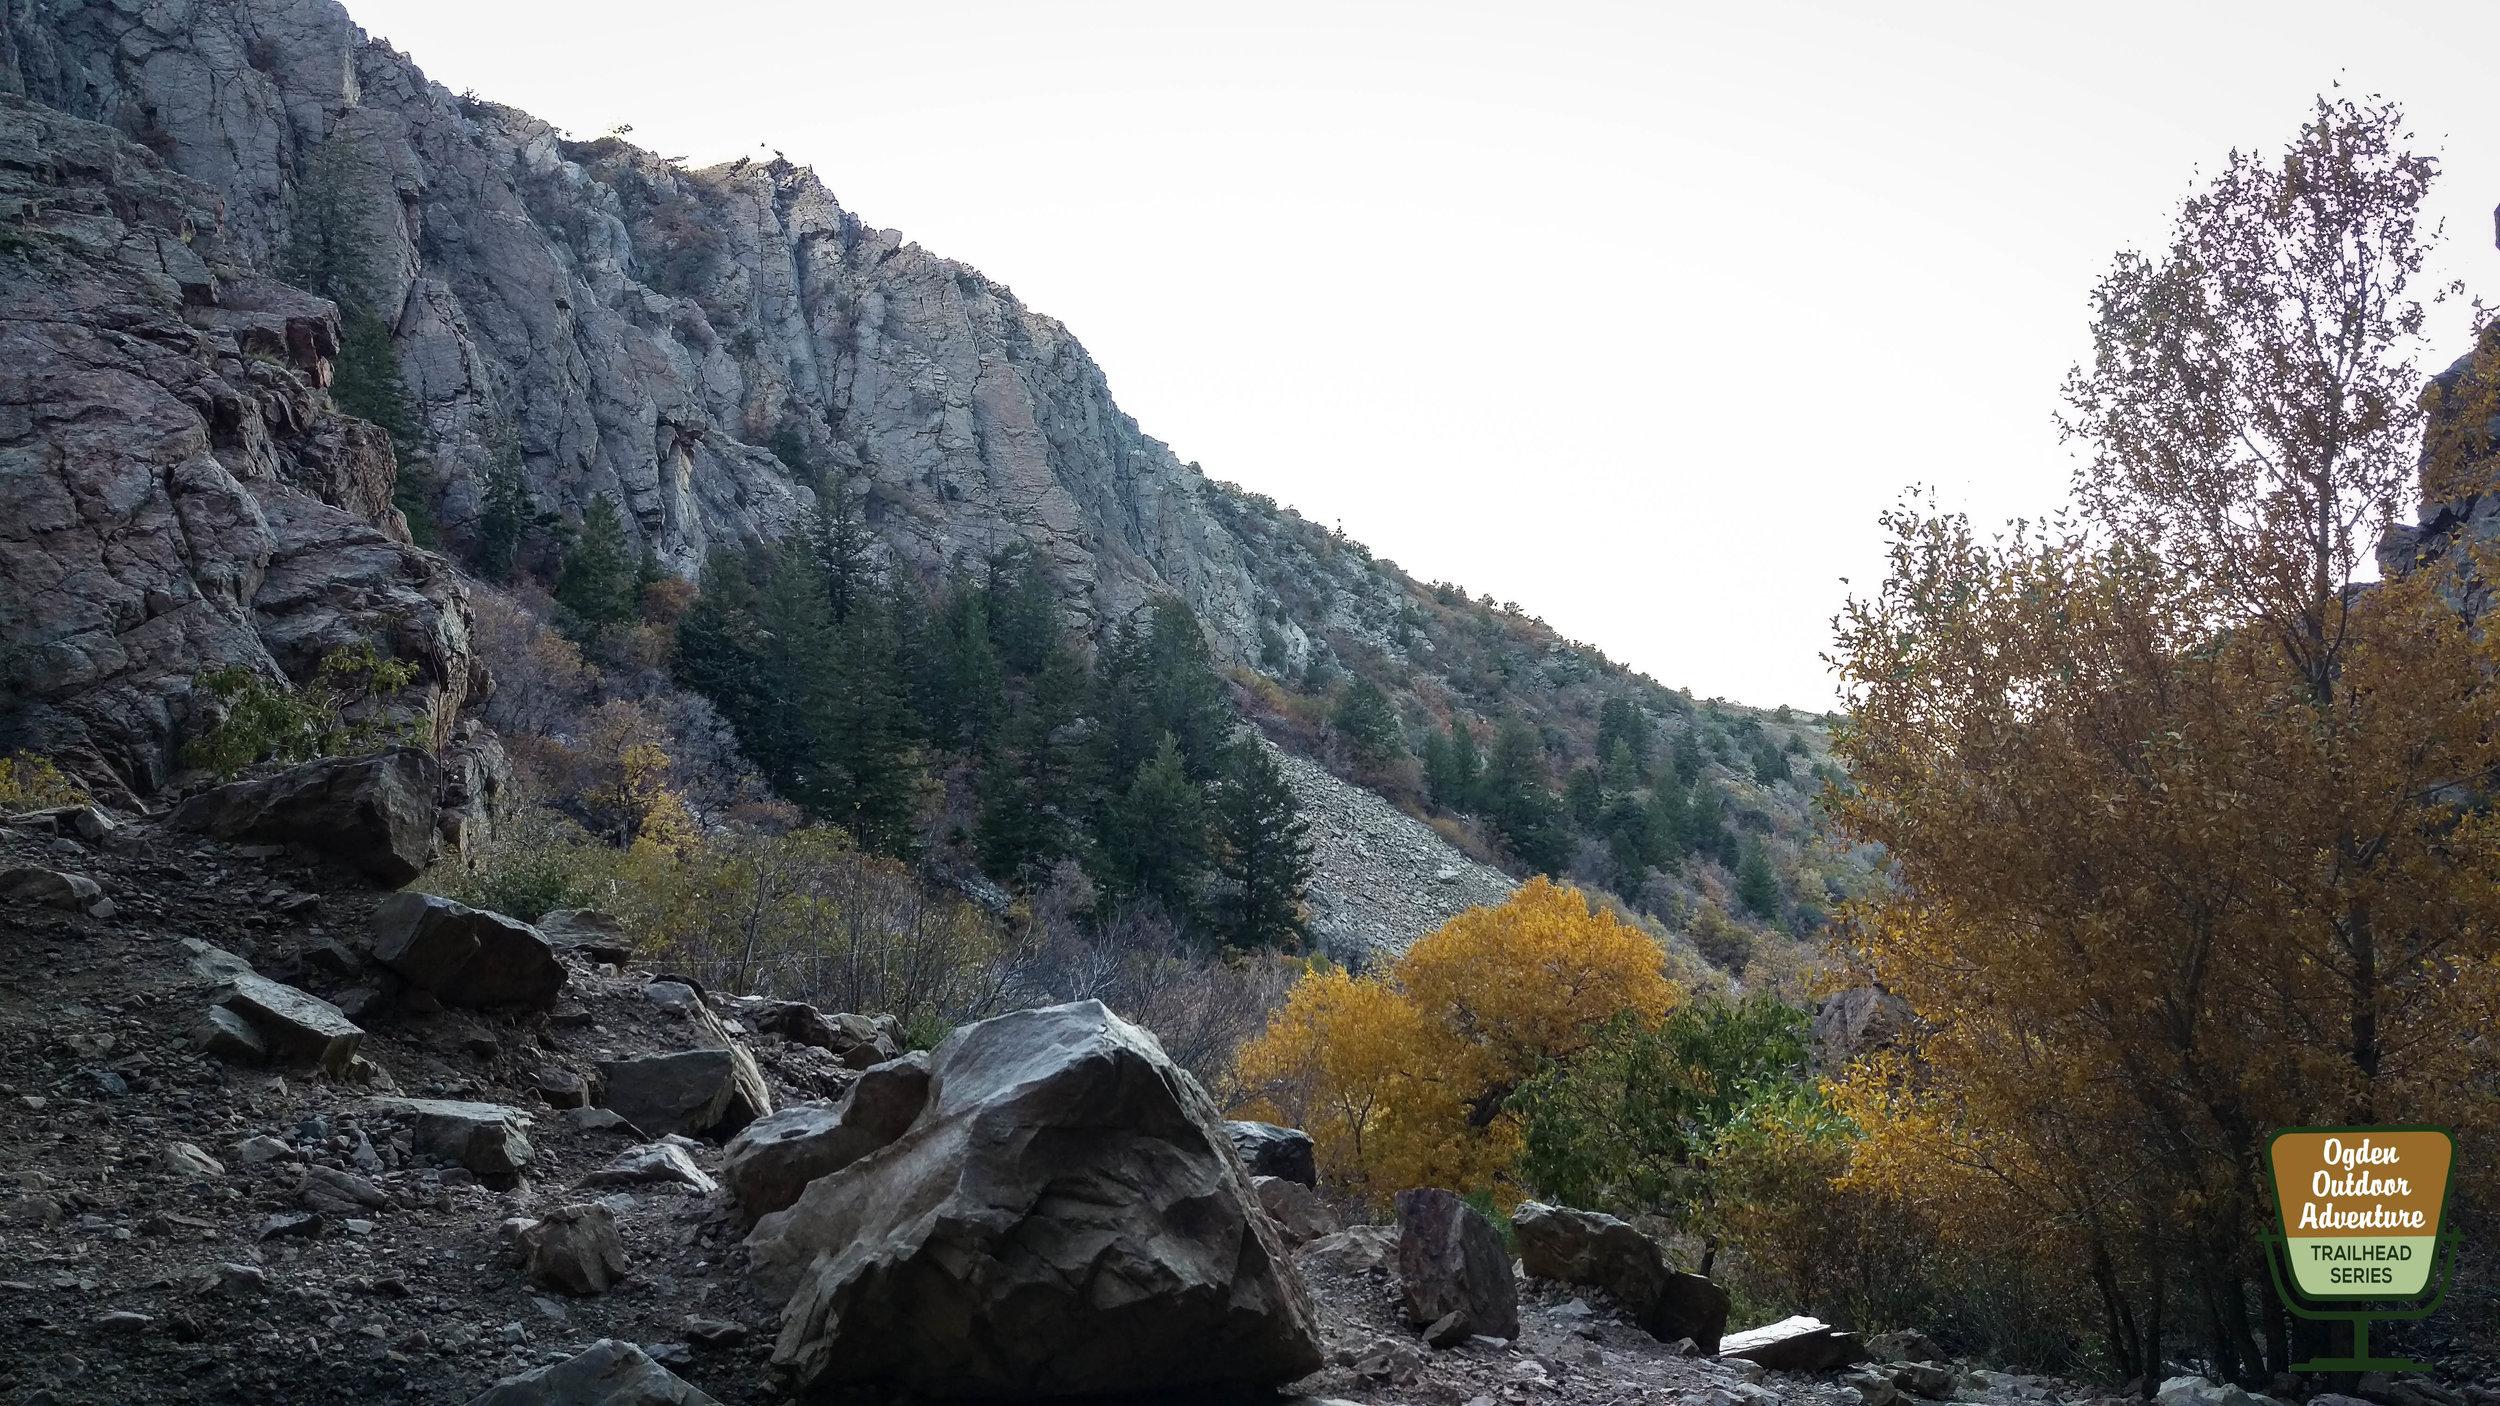 Ogden Outdoor Adventure Show 256 - Waterfall Canyon-5.jpg